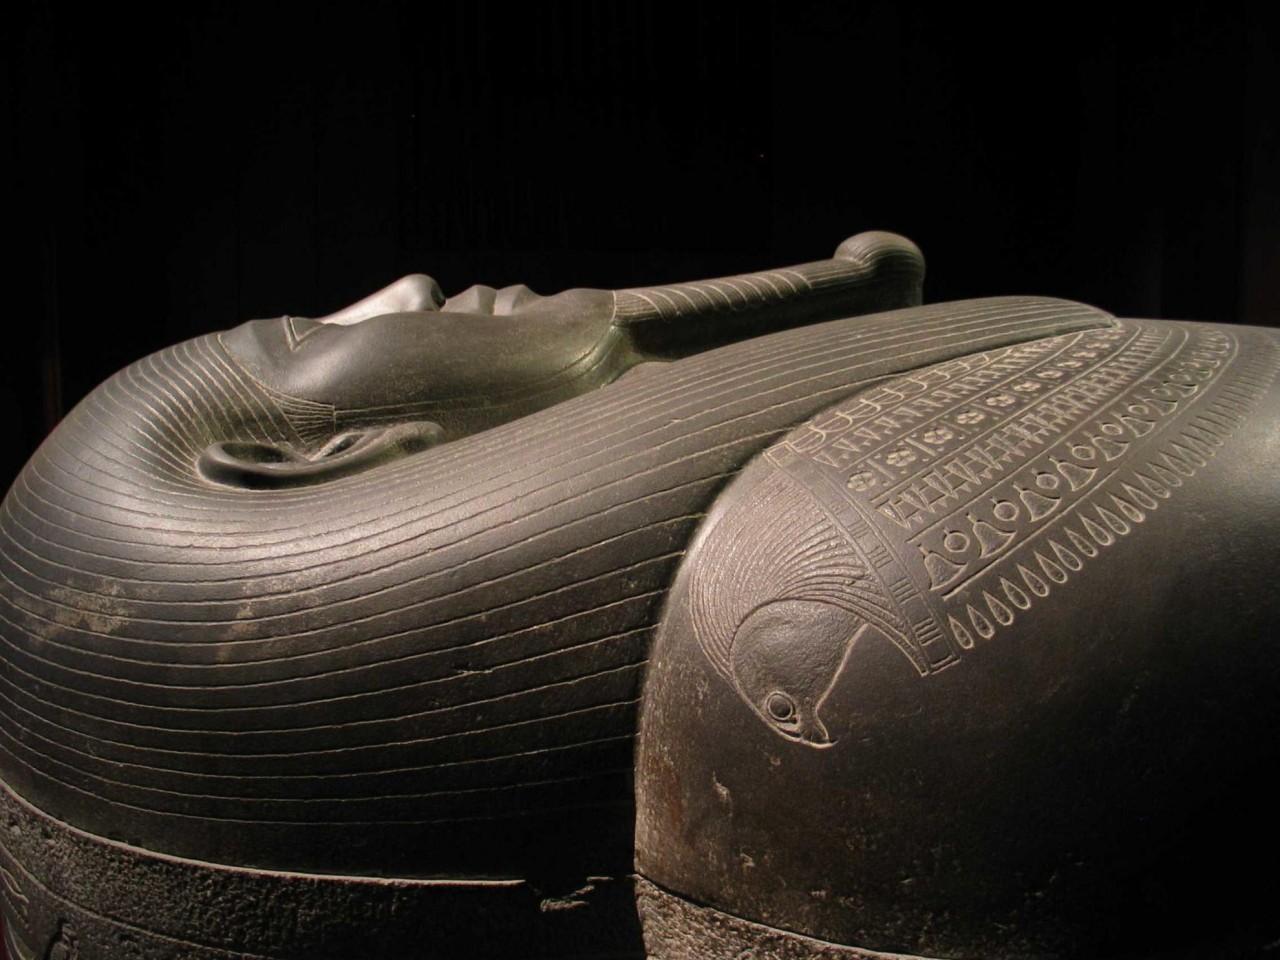 Ученые секвенировали ДНК египетских мумий